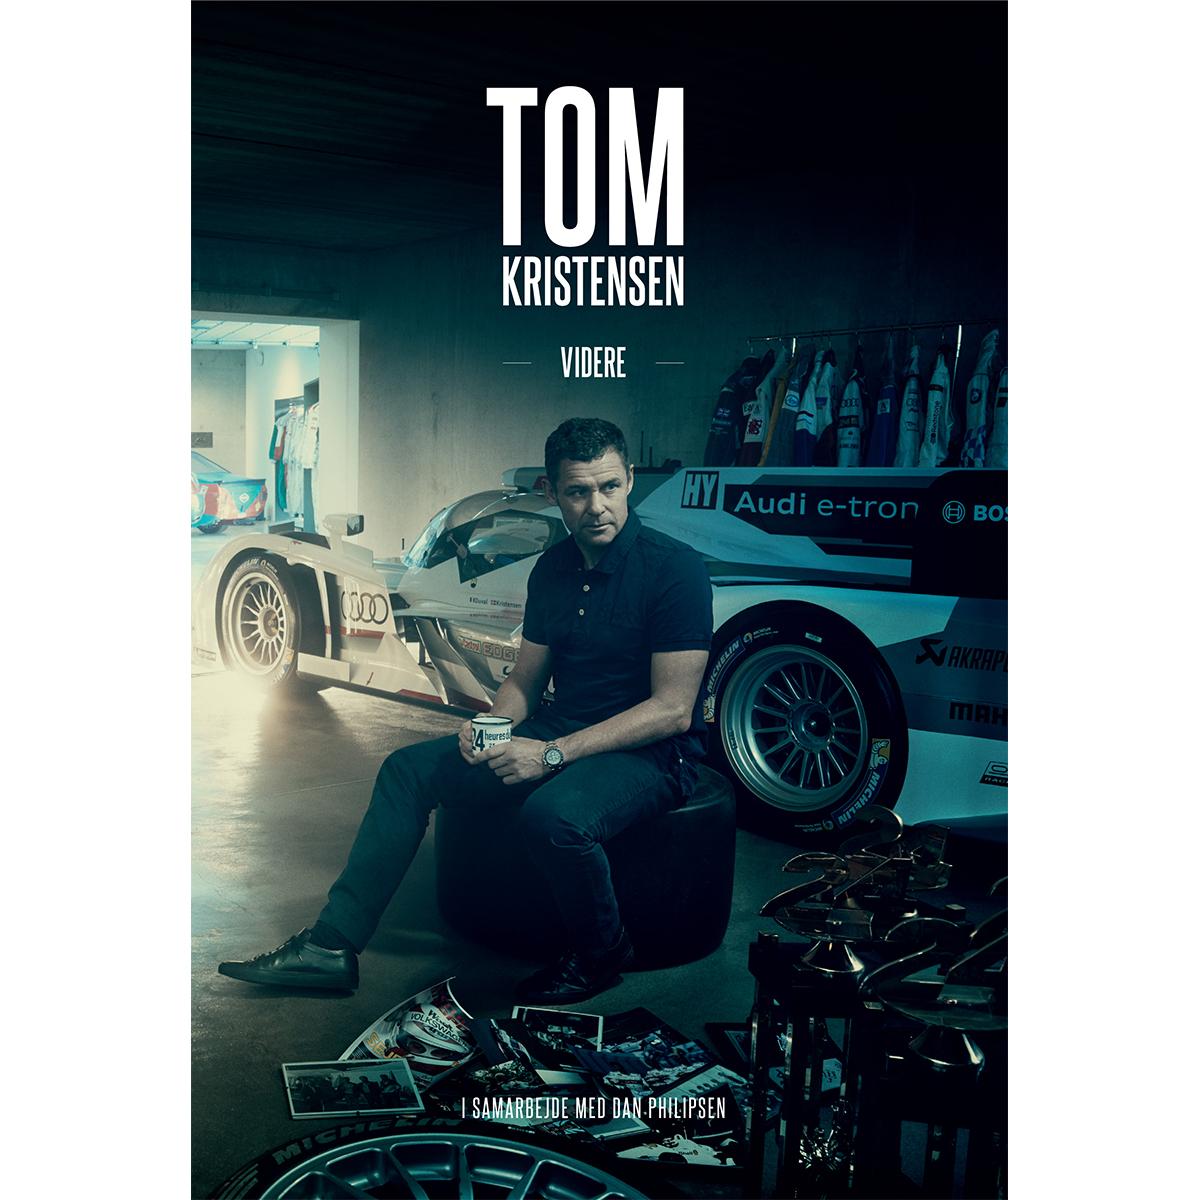 Tom Kristensen - videre - Indbundet